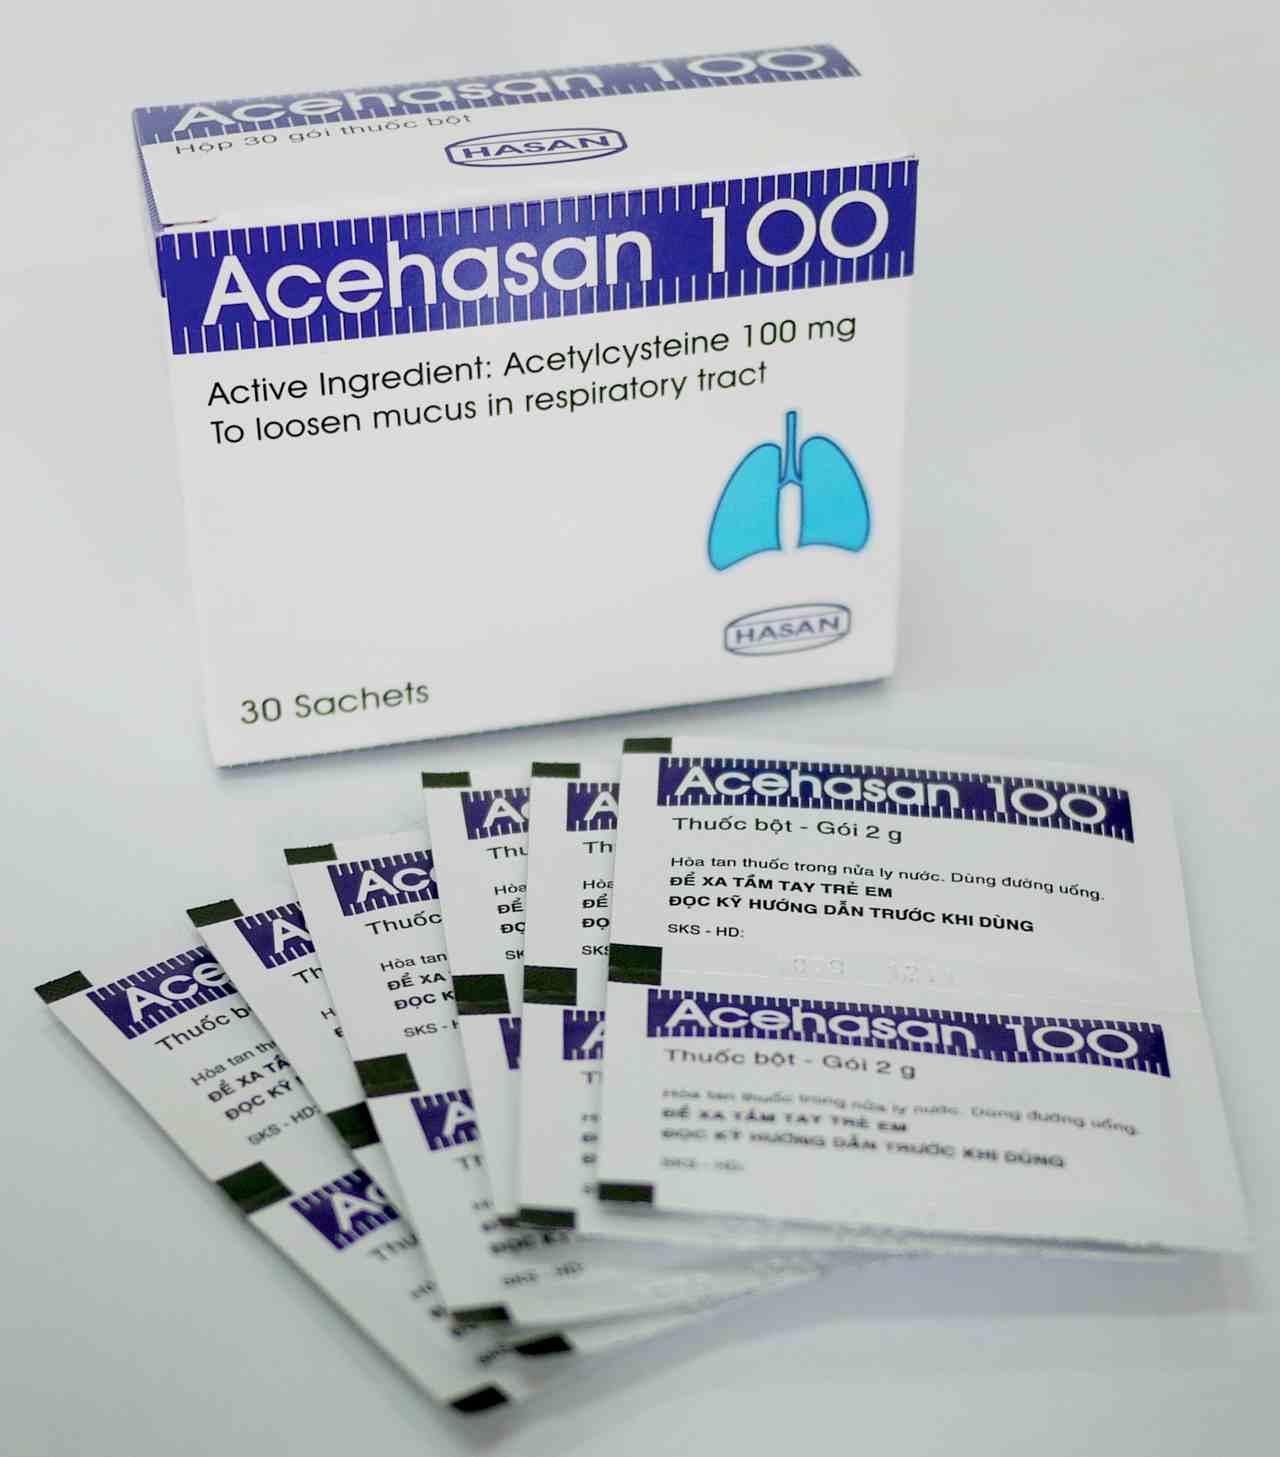 Thuốc bột trị ho, long đờm Acehasan 100 hộp 30 gói x 2g